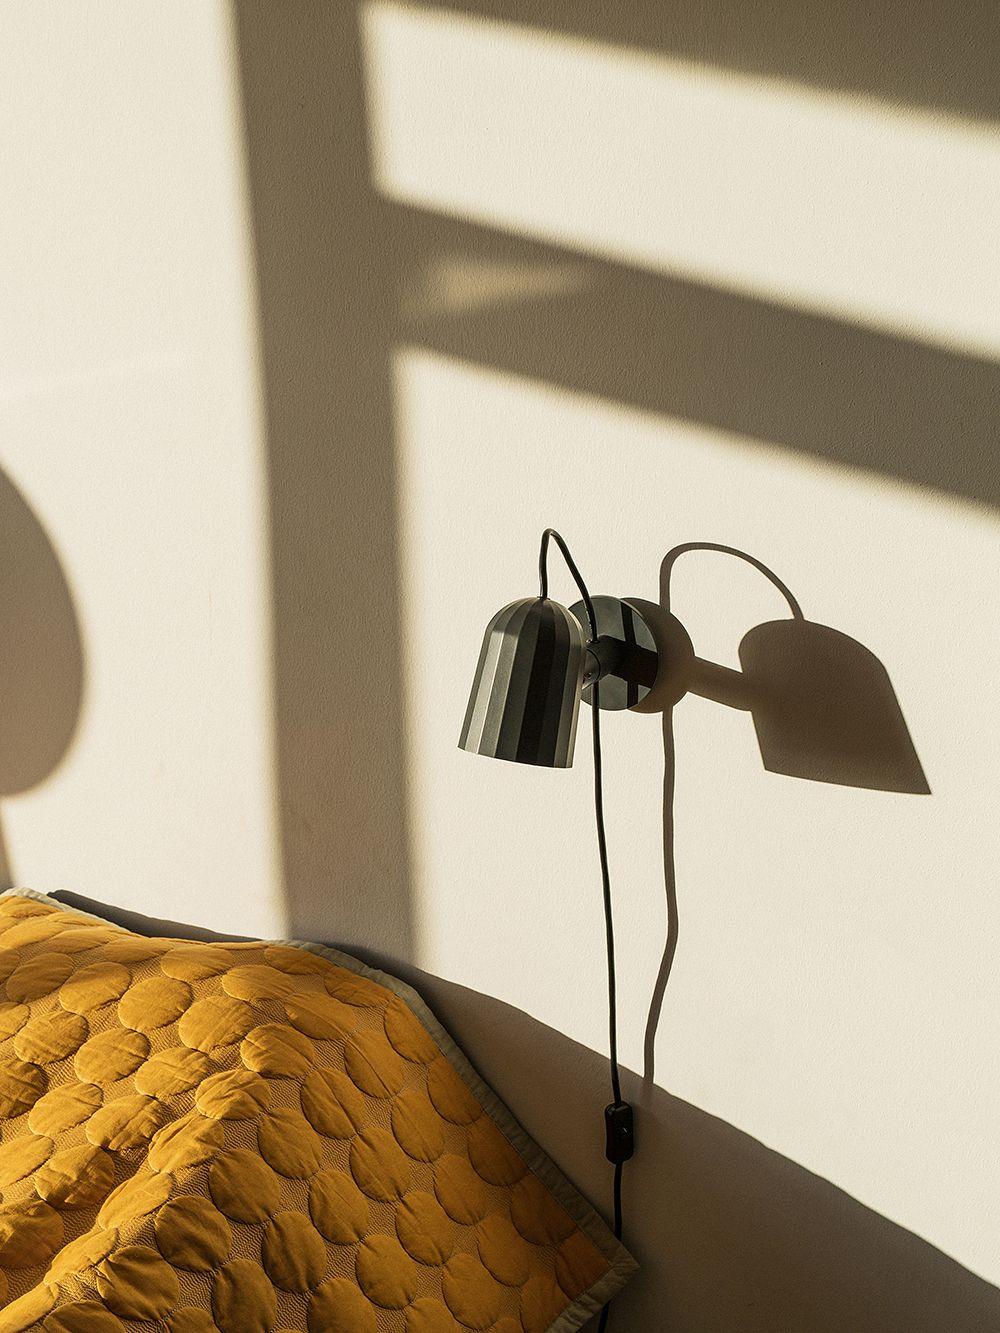 Hayn Noc-kohdevalo makuuhuoneessa seinään kiinnitettynä.